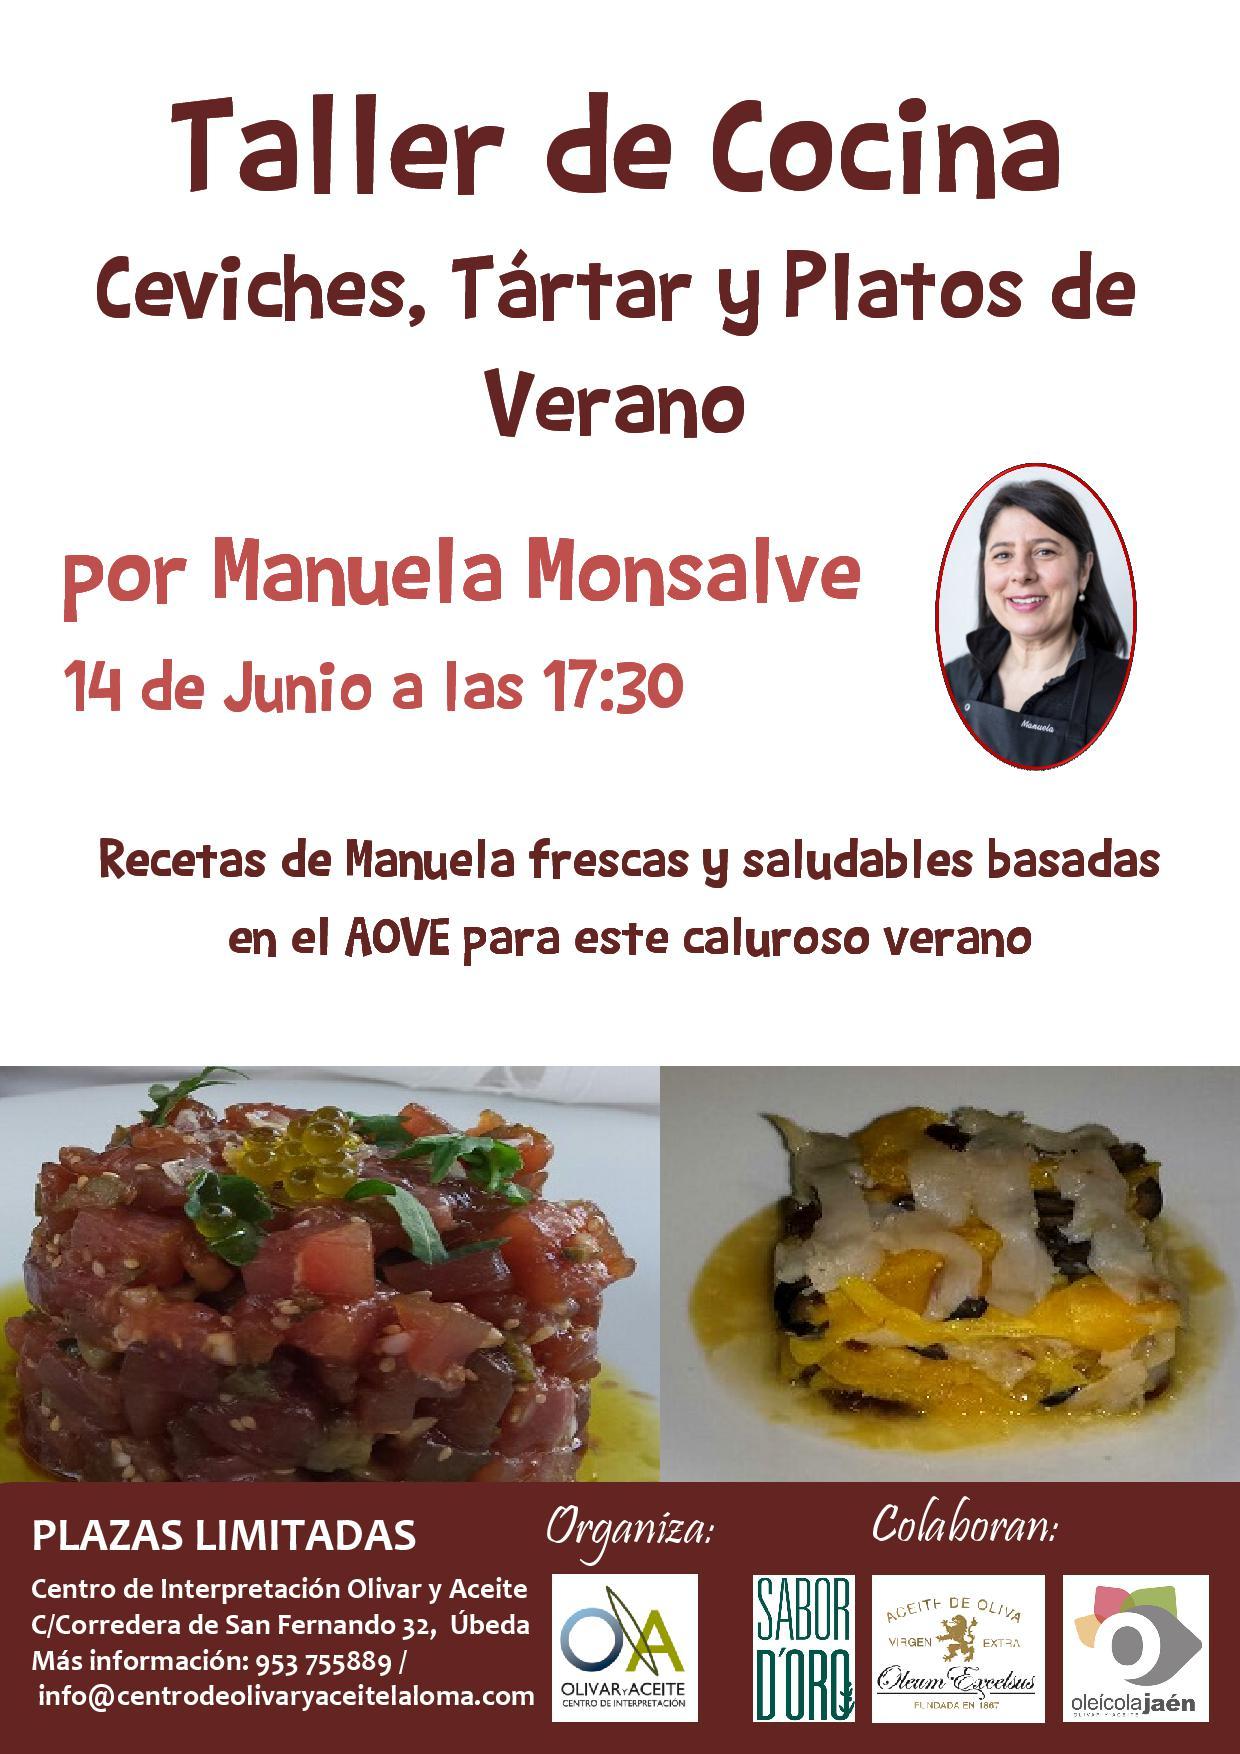 TALLER COCINA PLATOS DE VERANO MANUELA MONSALVE